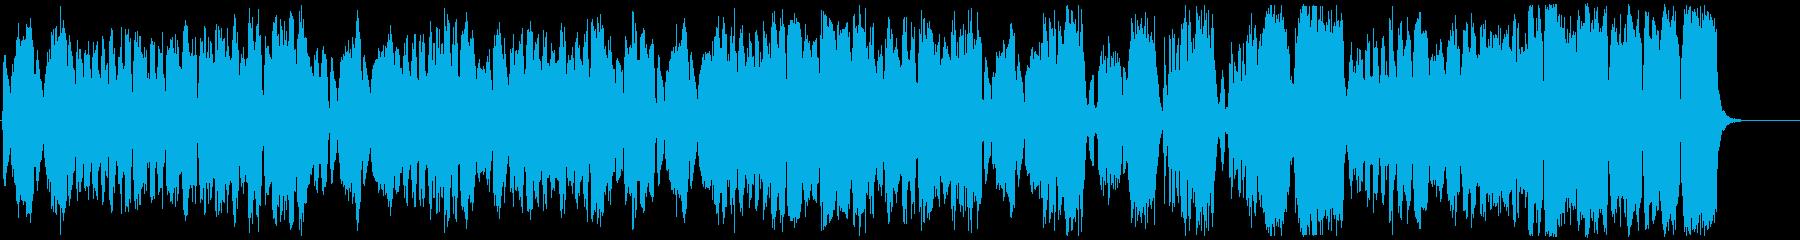 不思議・奇妙・奇怪・サーカス風のBGMの再生済みの波形